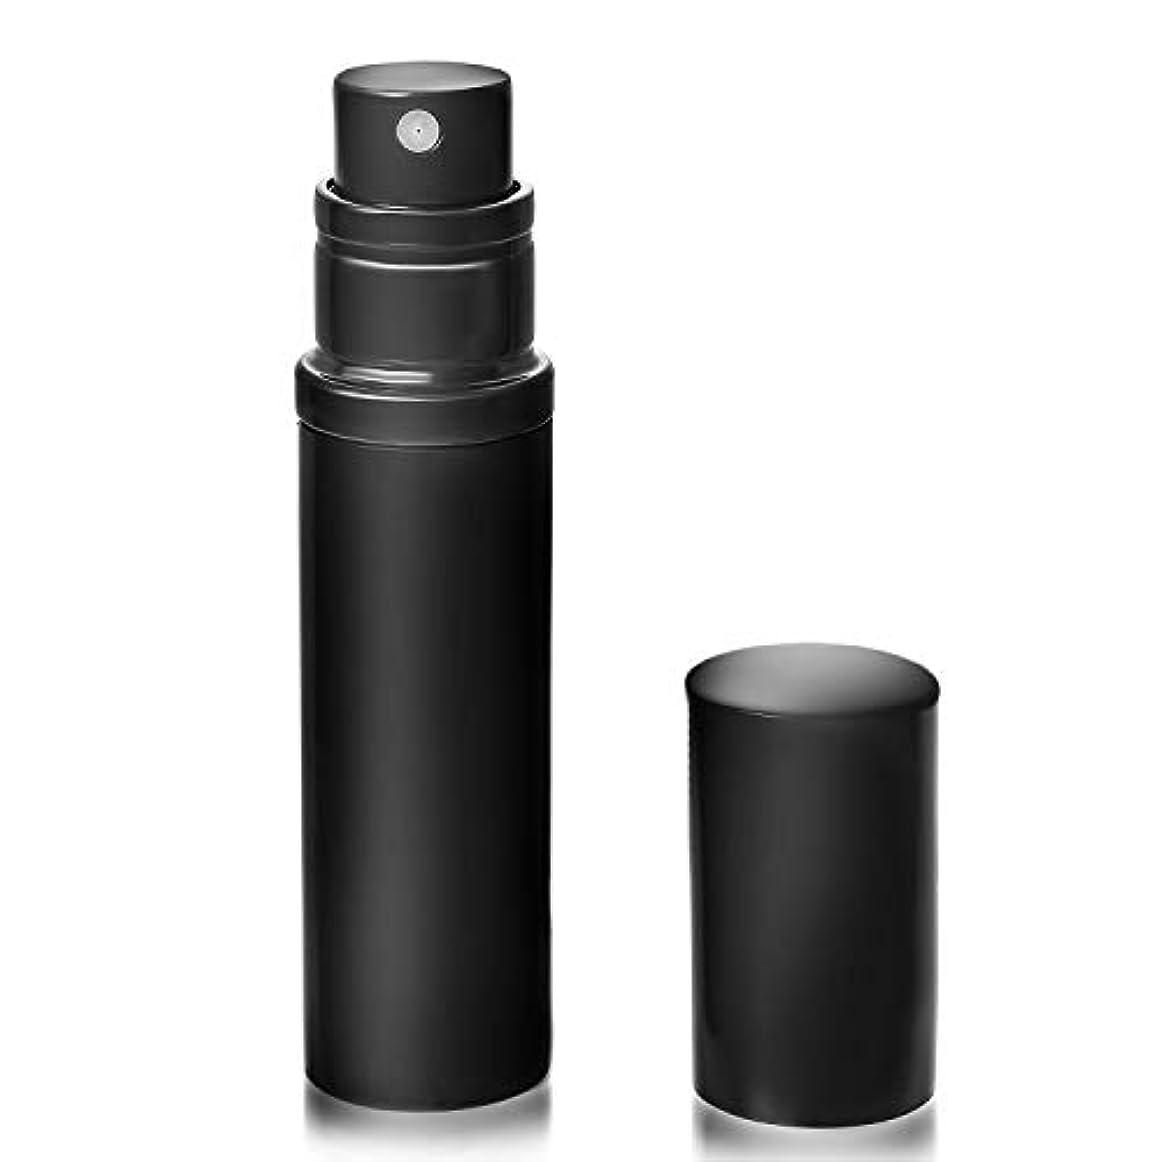 汚れる冷凍庫遵守するアトマイザ- 香水 クイックアトマイザー ワンタッチ 入れ物 簡単 持ち運び 詰め替え ポータブルクイック 容器 香水噴霧器 ブラック YOOMARO